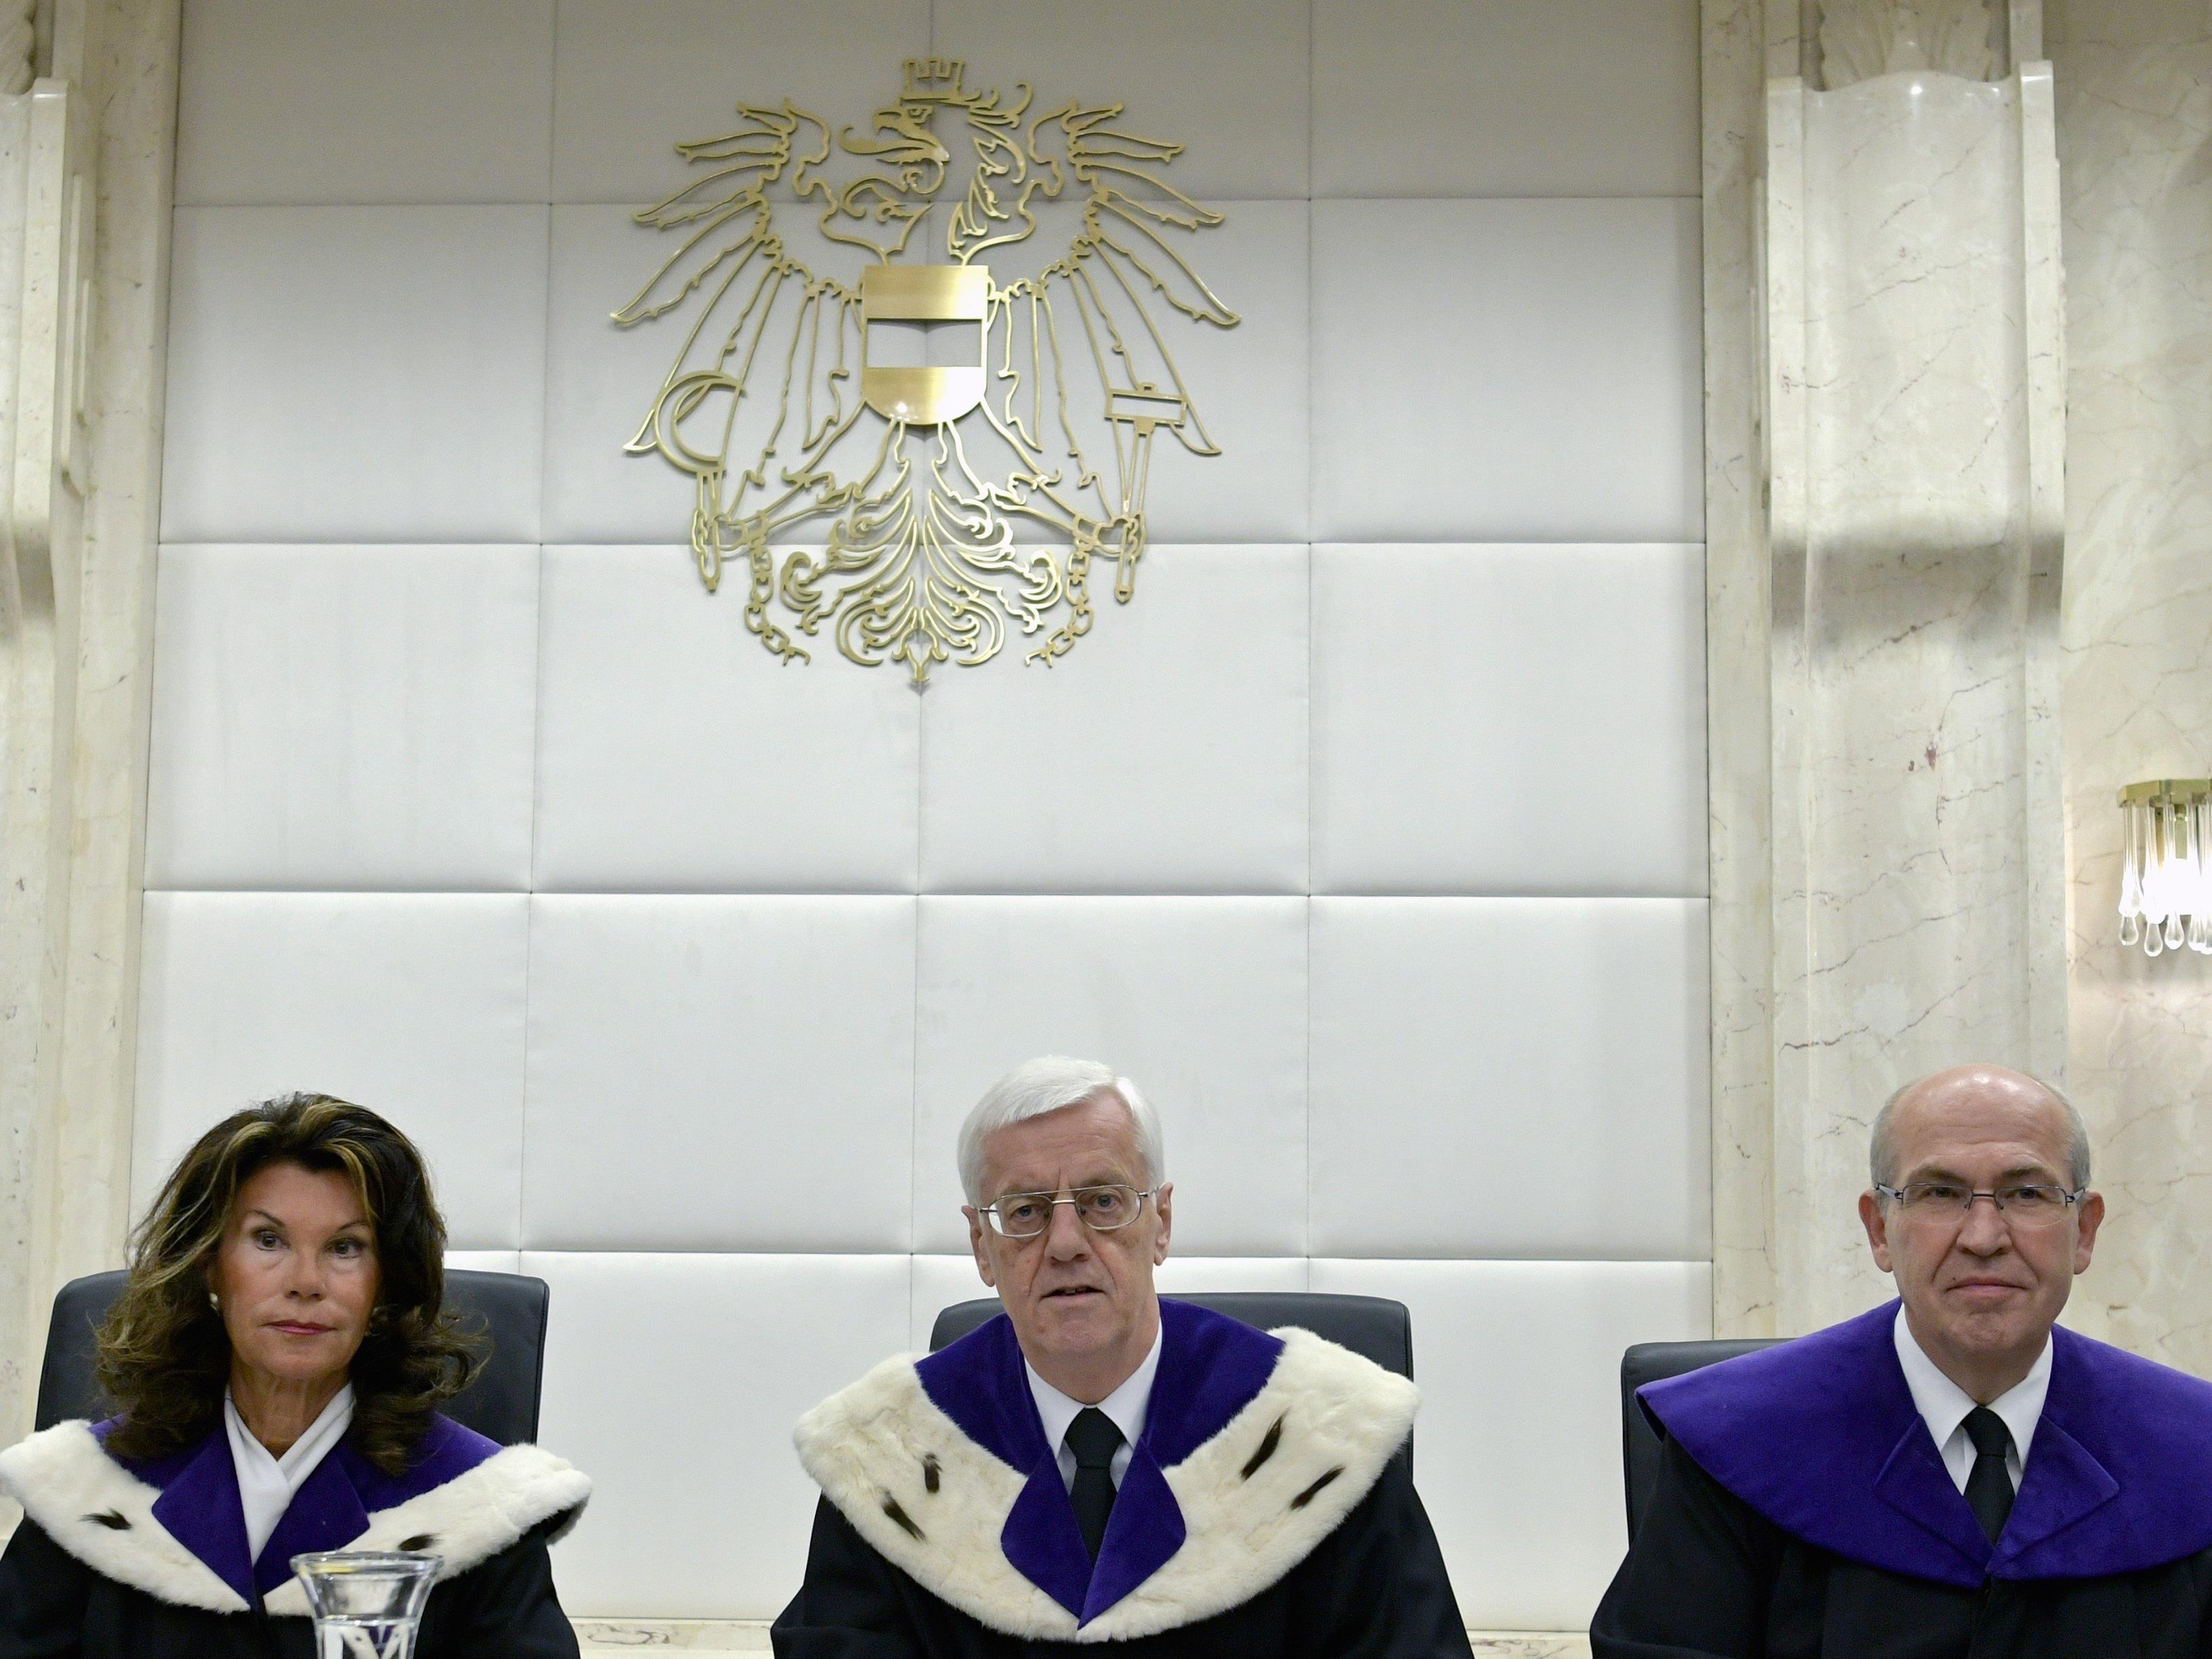 Der Verfassungsgerichtshof hat über die Anfechtung der BP-Stichwahl entschieden.